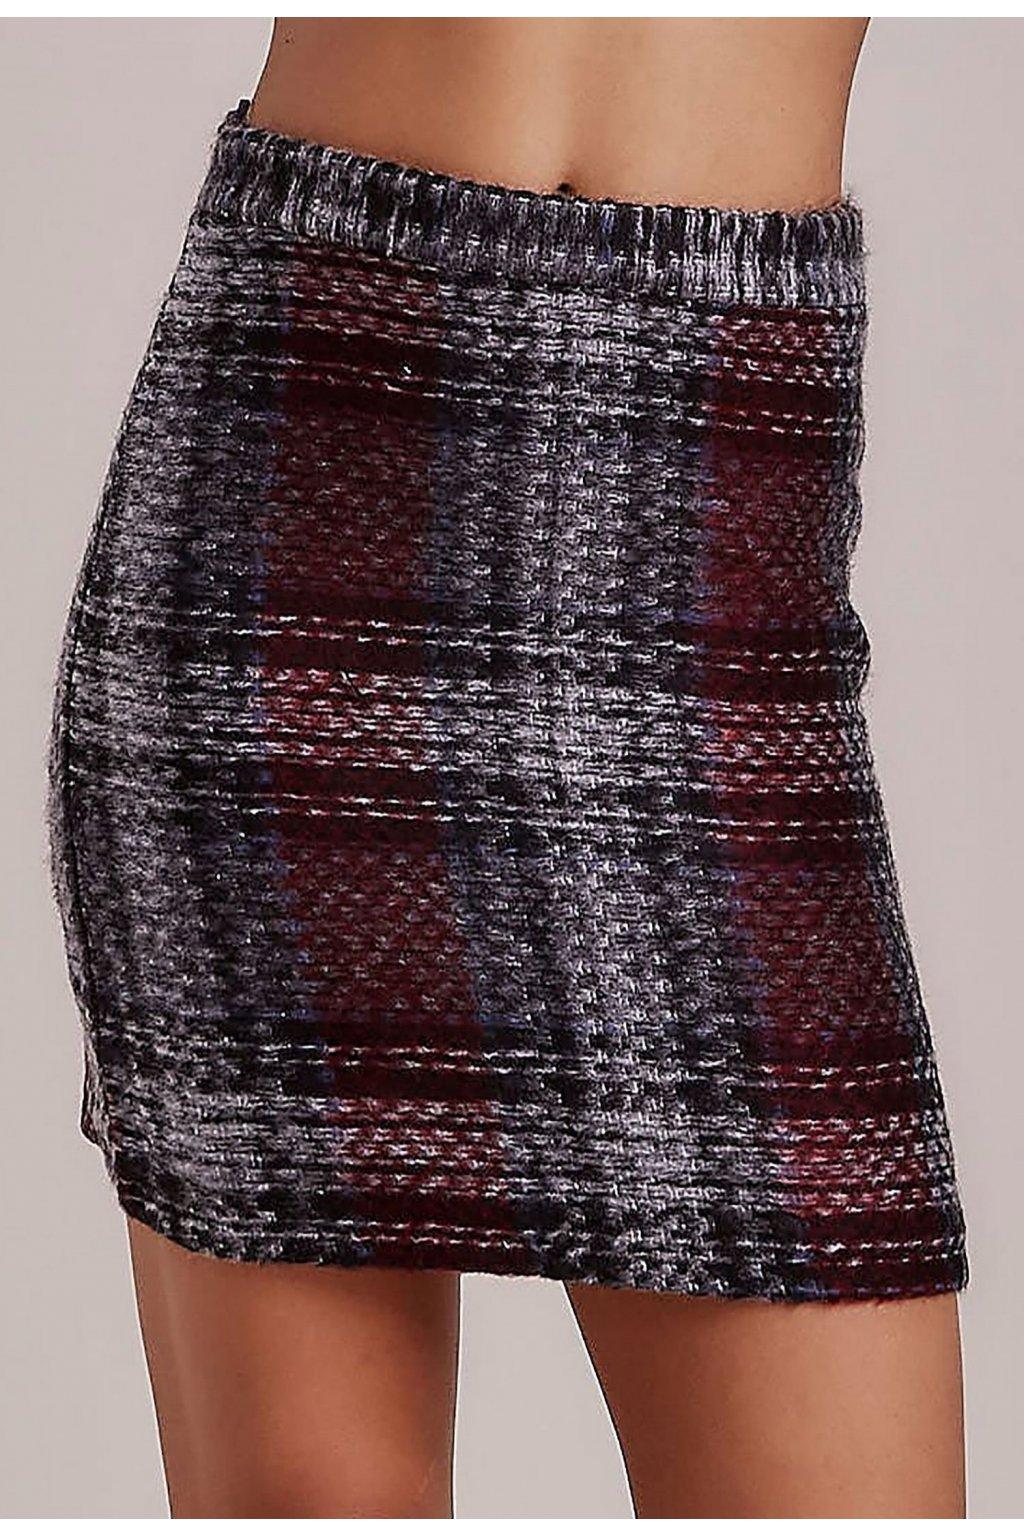 Šedá dámská pouzdrová sukně